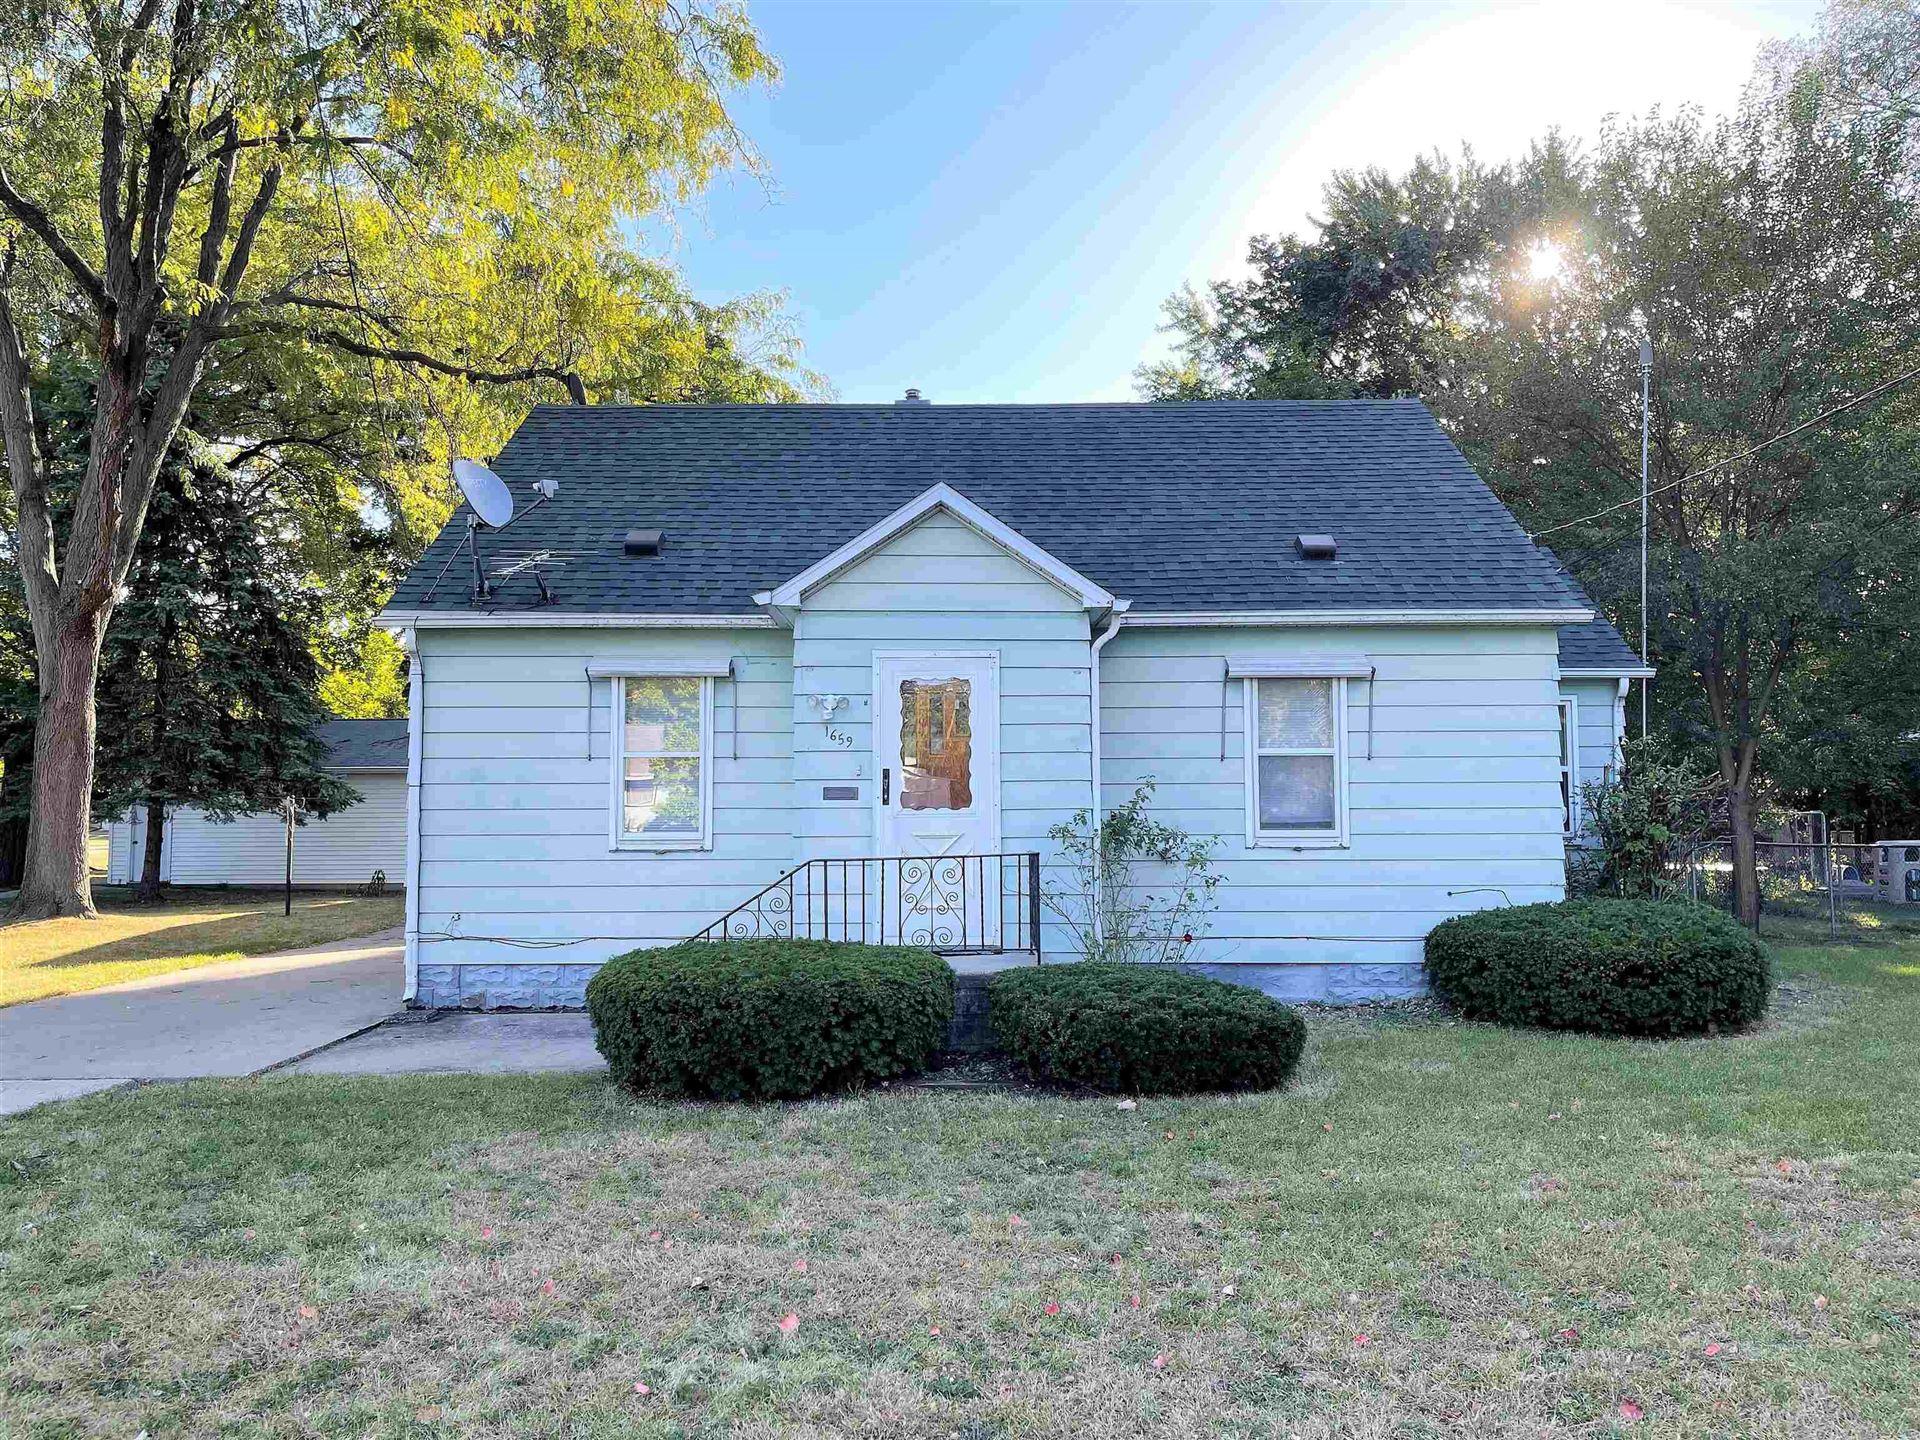 1659 McKinley Ave, Beloit, WI 53511 - #: 1920744